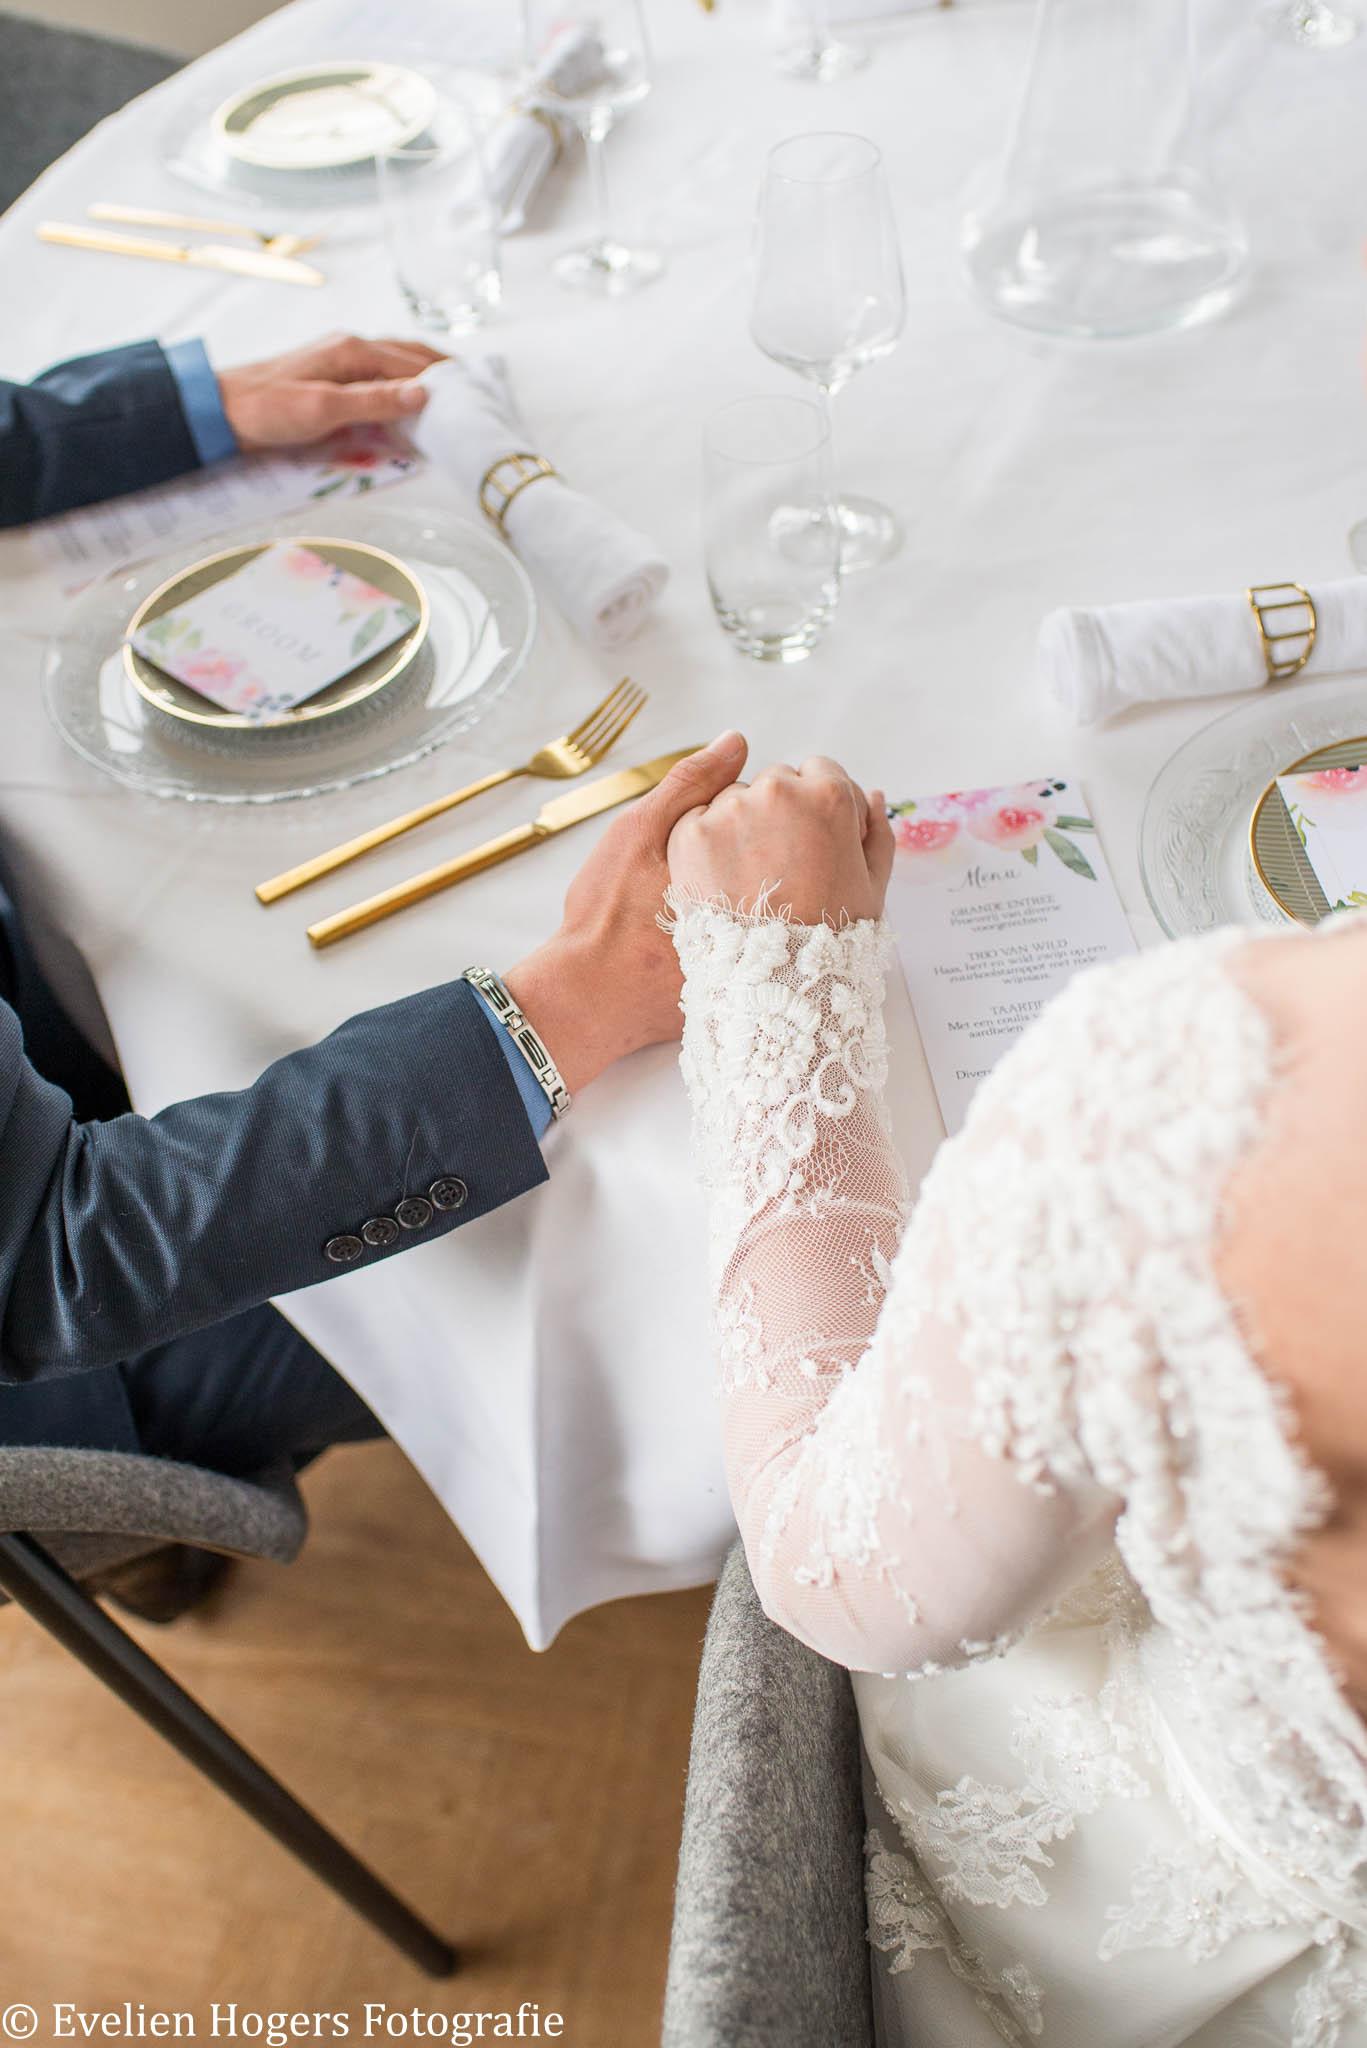 Estate_wedding_Metwatermerk-54.jpg